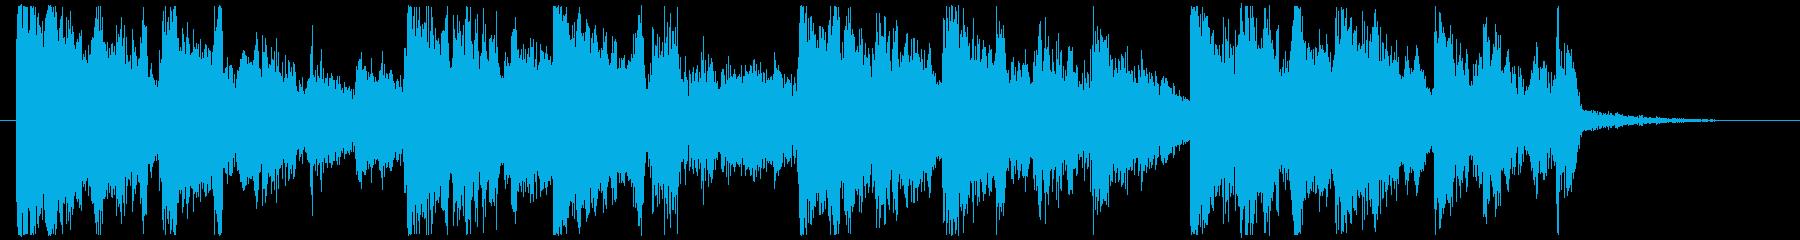 ジングル - 北欧ジャングルの再生済みの波形